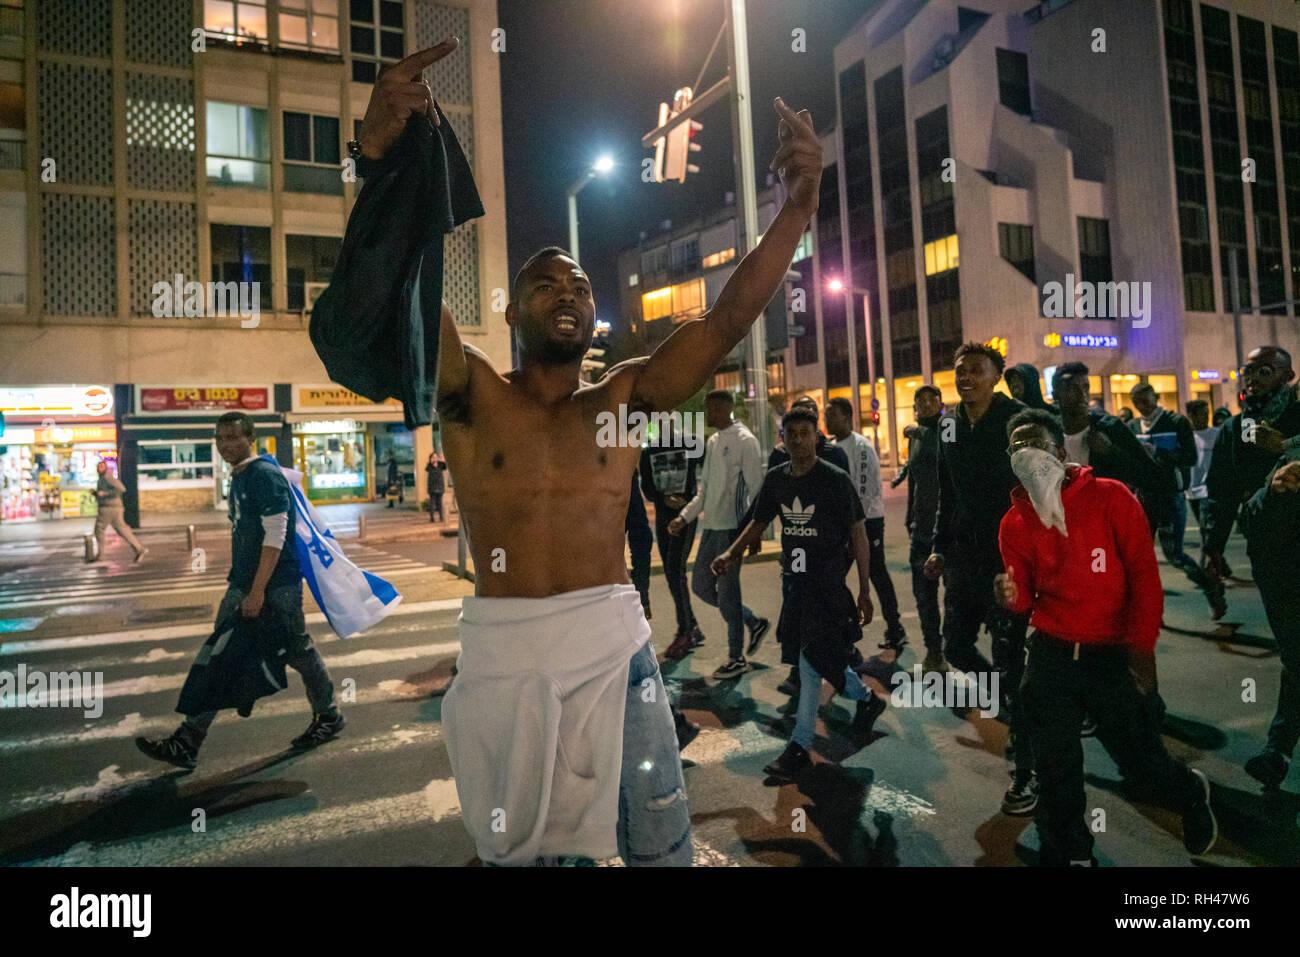 Ethiopian Israelis protest police violence in Tel Aviv - Stock Image